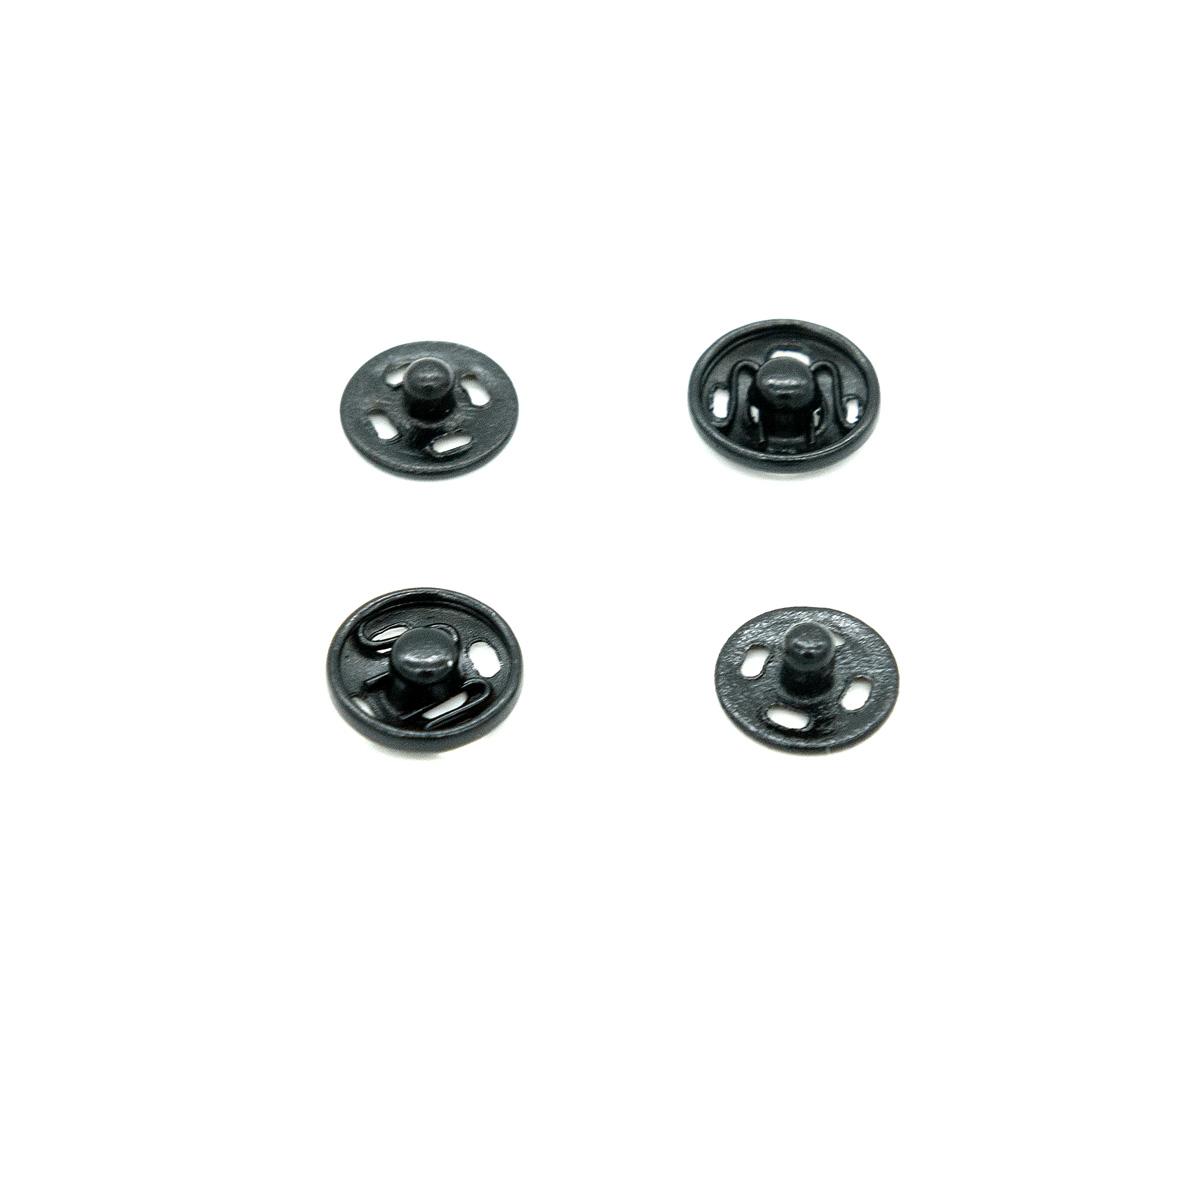 Кнопки для легких тканей пришивные, 10 компл., 9 мм, черные 512109, Hobby&Pro